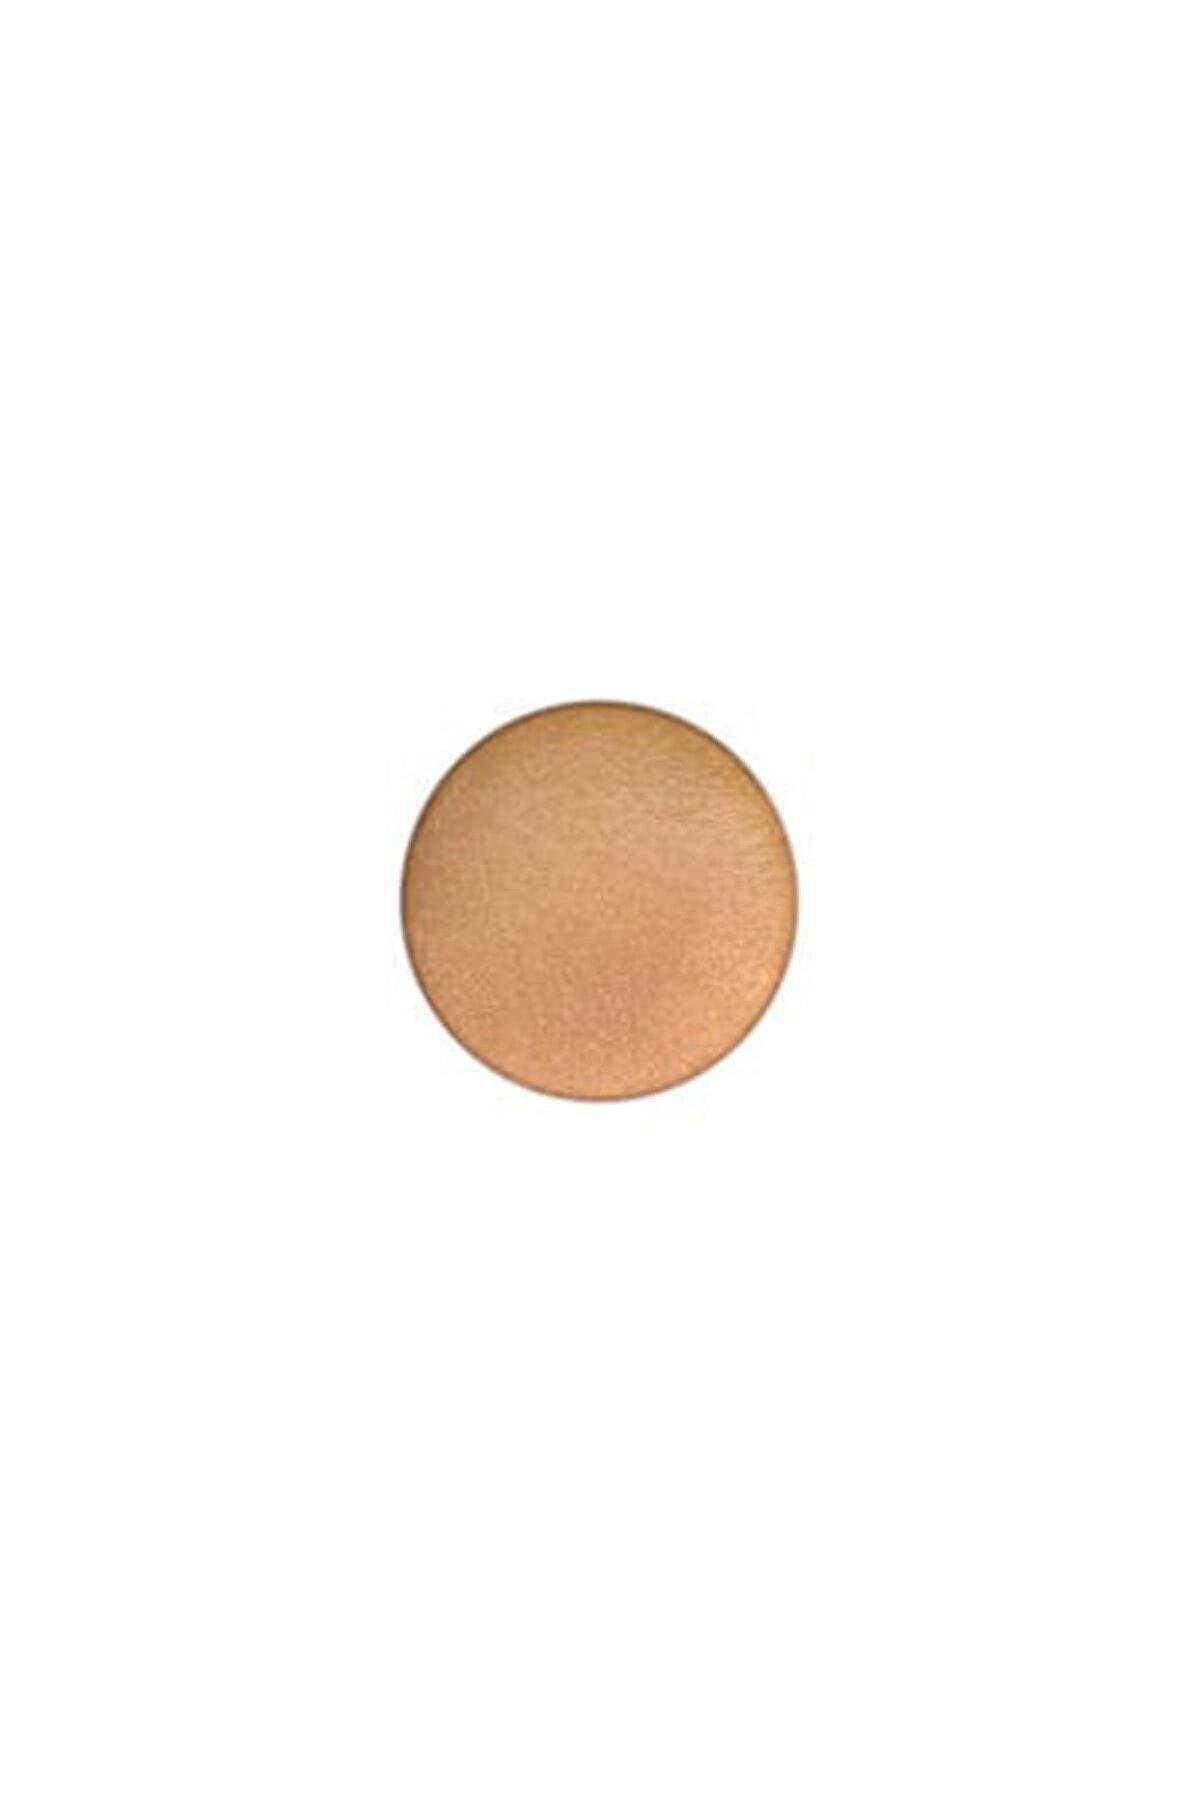 Mac Göz Farı - Refill Far Amber Lights 1.5 g 773602960187